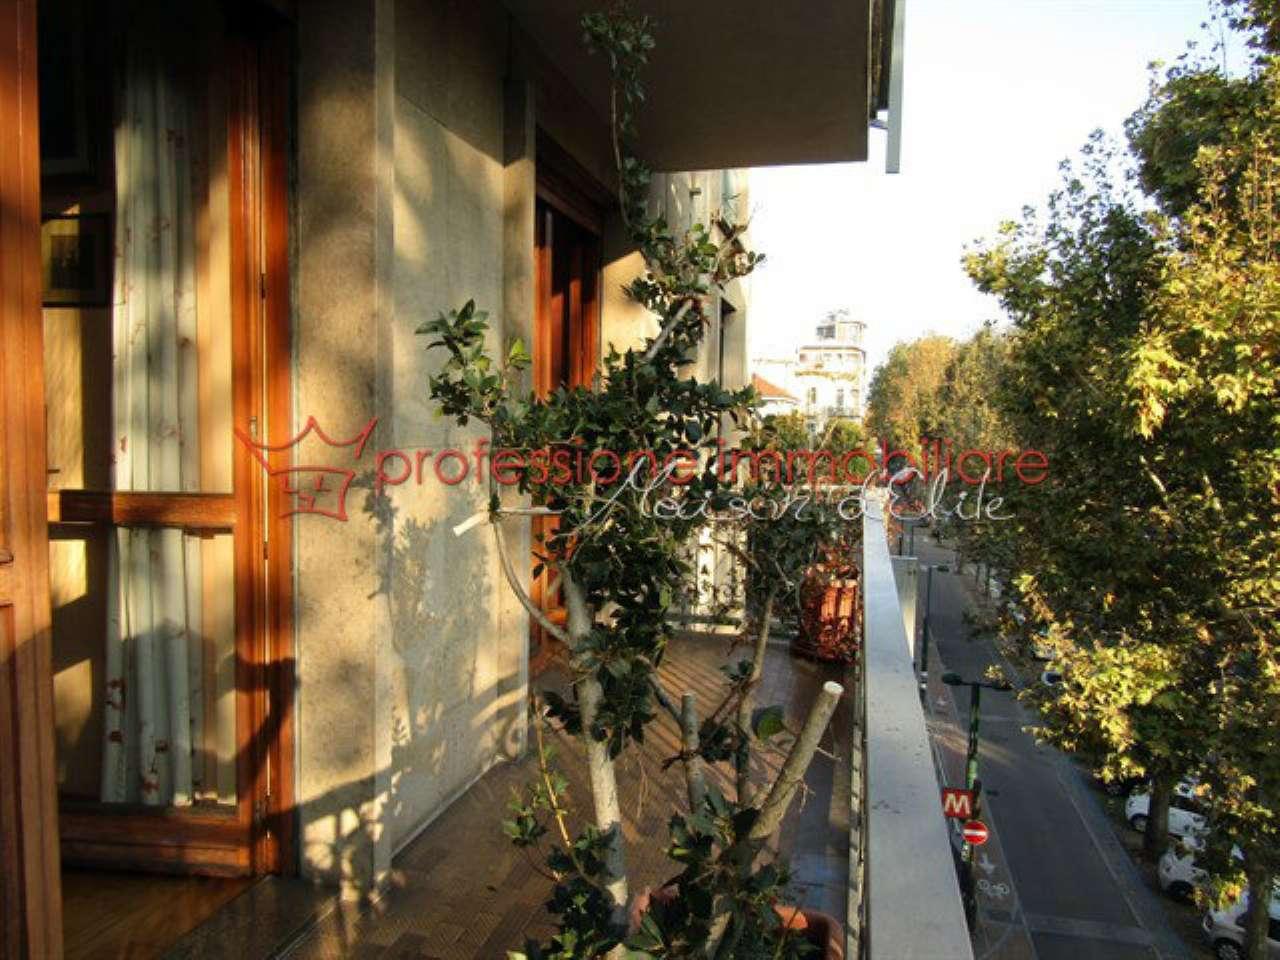 Foto 12 di Appartamento corso Francia, Torino (zona Cit Turin, San Donato, Campidoglio)